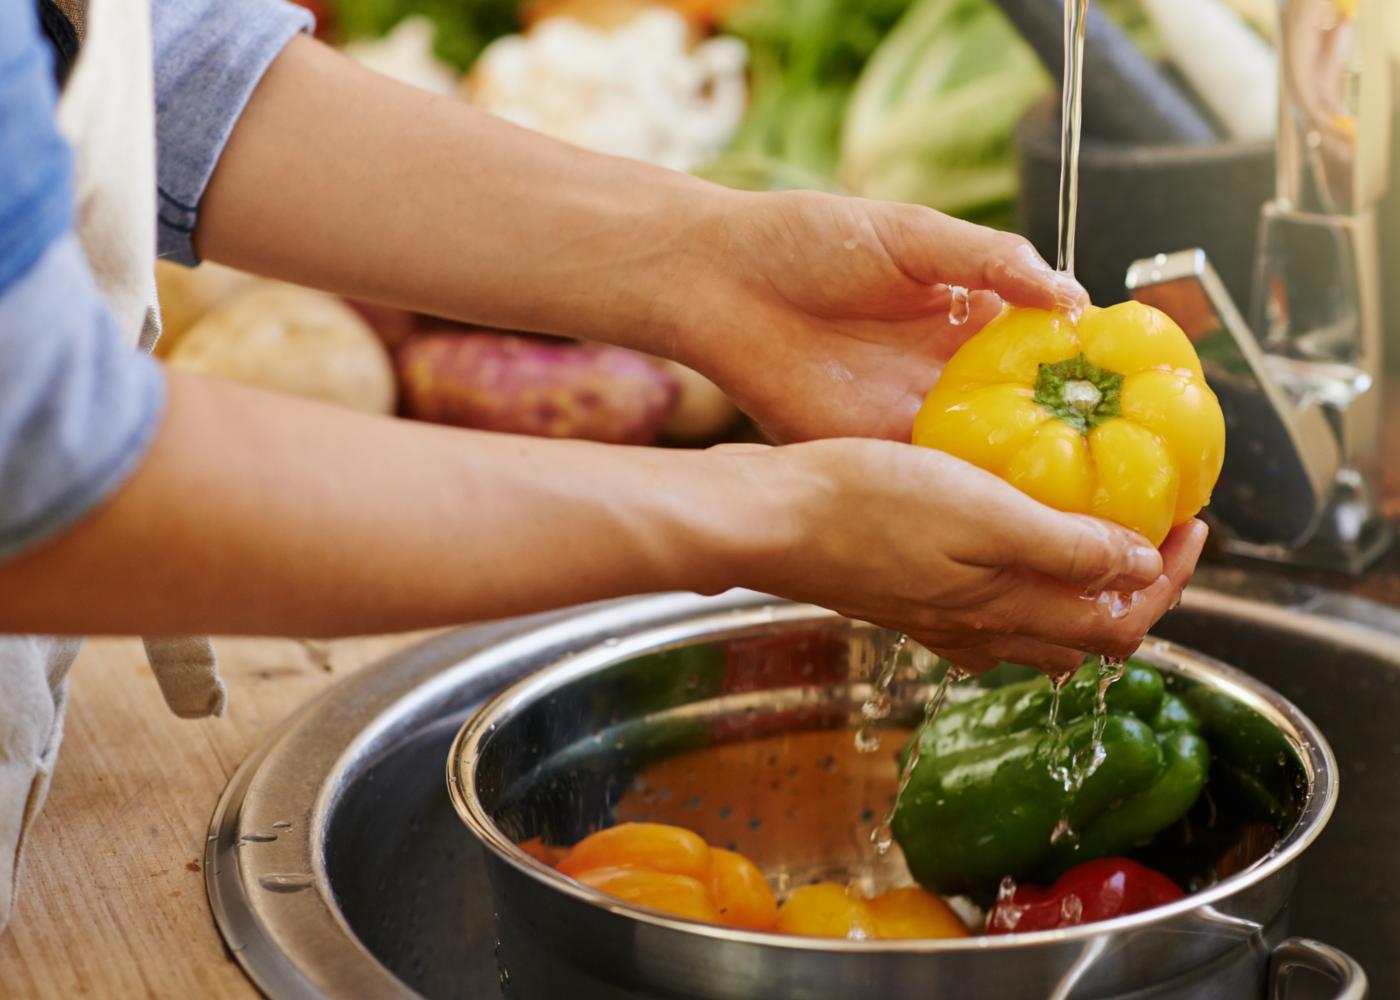 Higienizar e congelar alimentos frescos: mulher a lavar alimentos